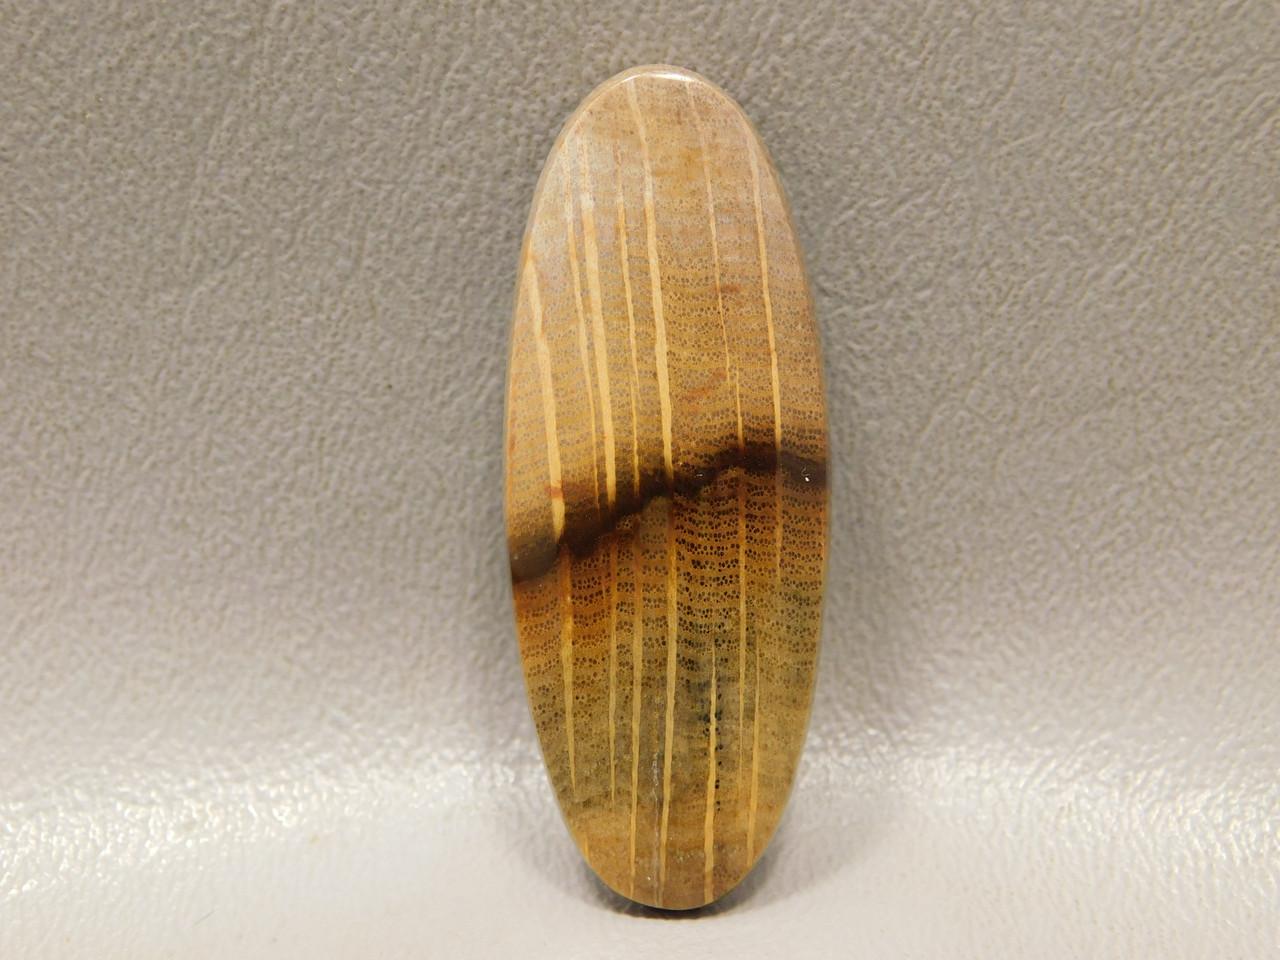 Fossilized Golden Oak Wood Cabochon Semi Precious Stone #15